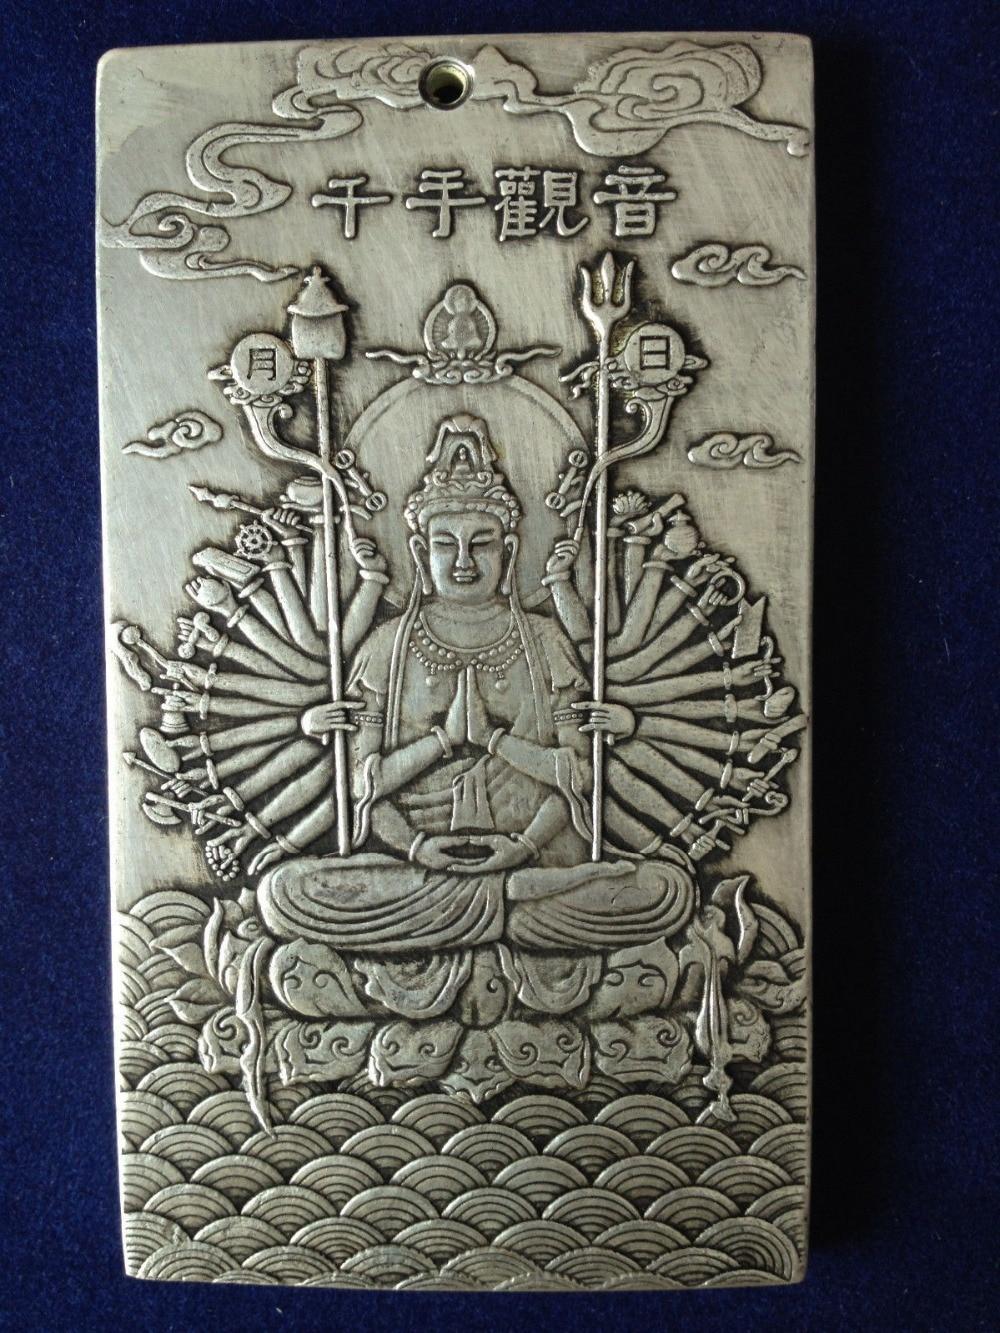 China Tibet silver Amulet Pendant Guanyin